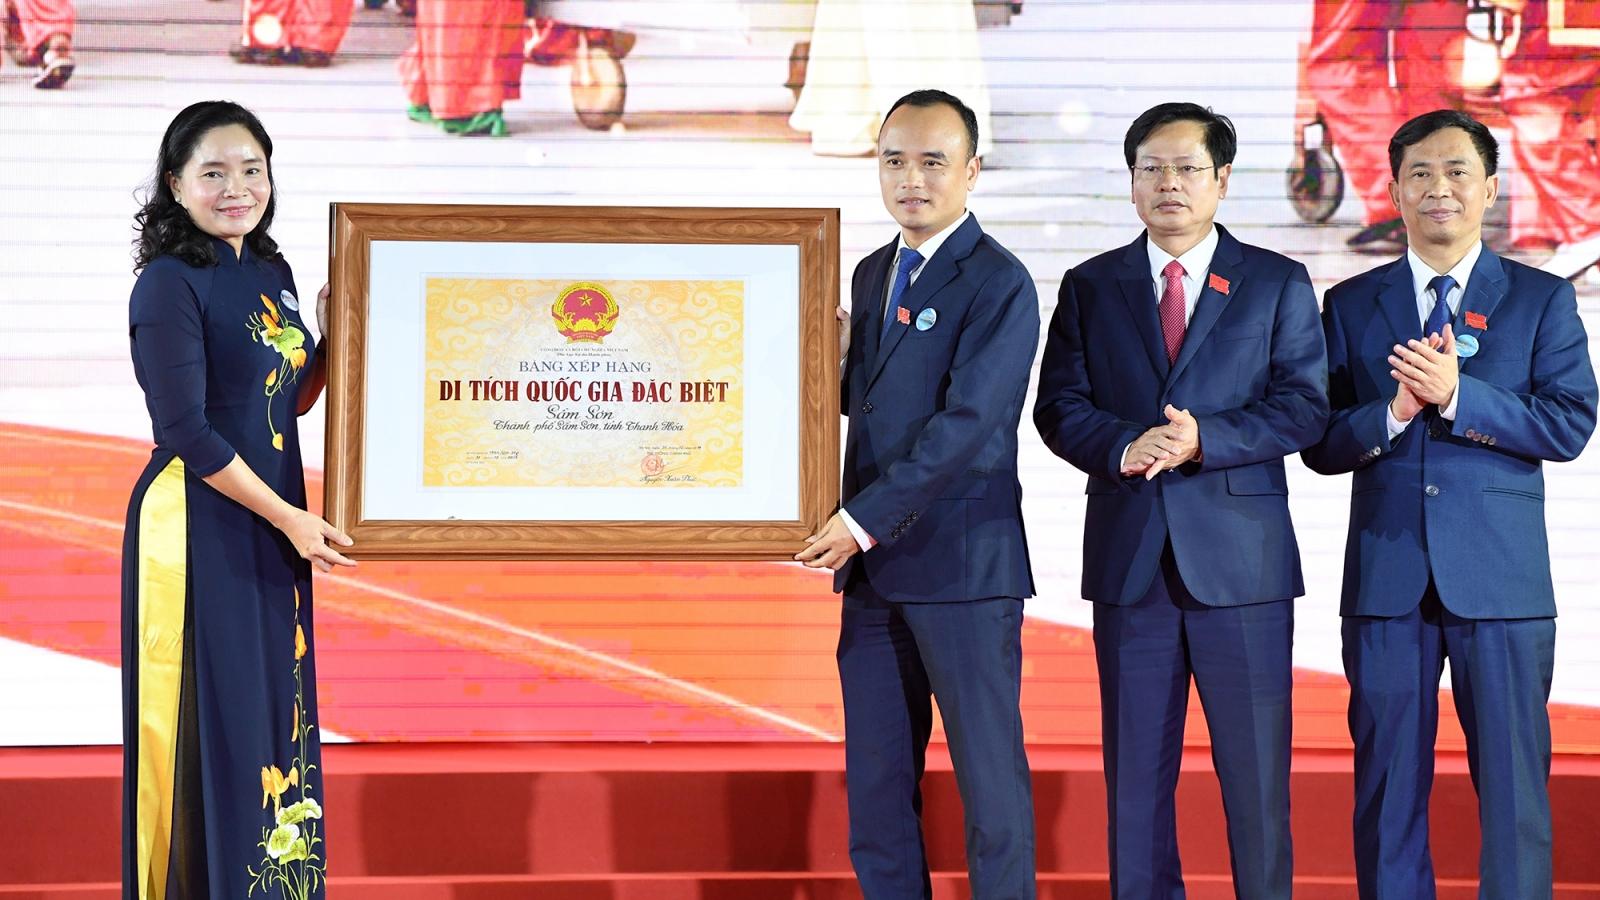 Sầm Sơn đón nhận Bằng xếp hạng Di tích quốc gia đặc biệt